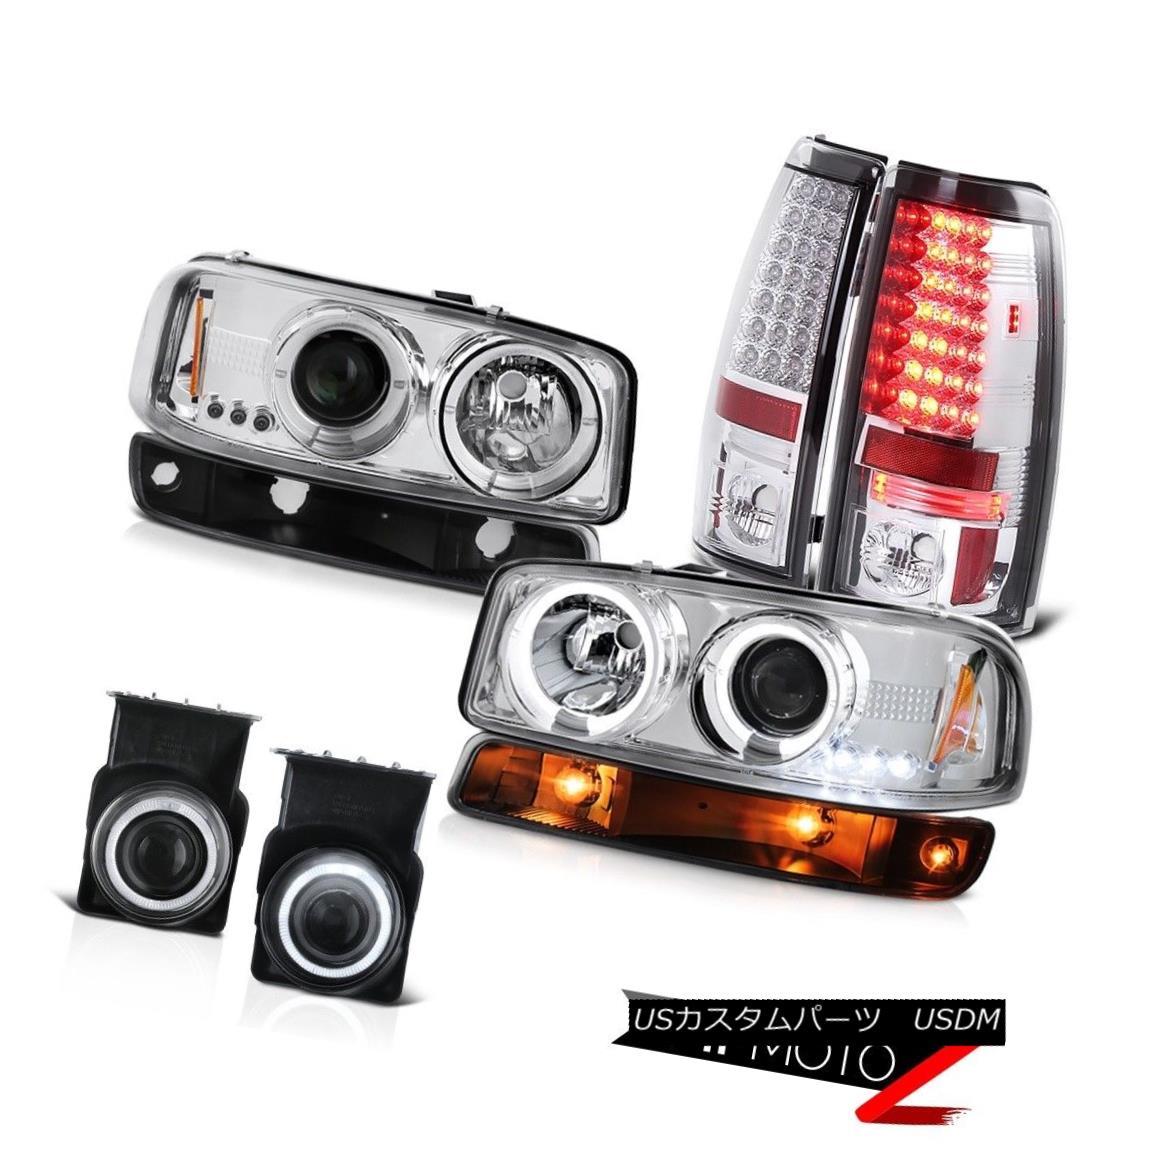 テールライト 2003-2006 Sierra 2500HD Foglamps tail lights bumper lamp headlights